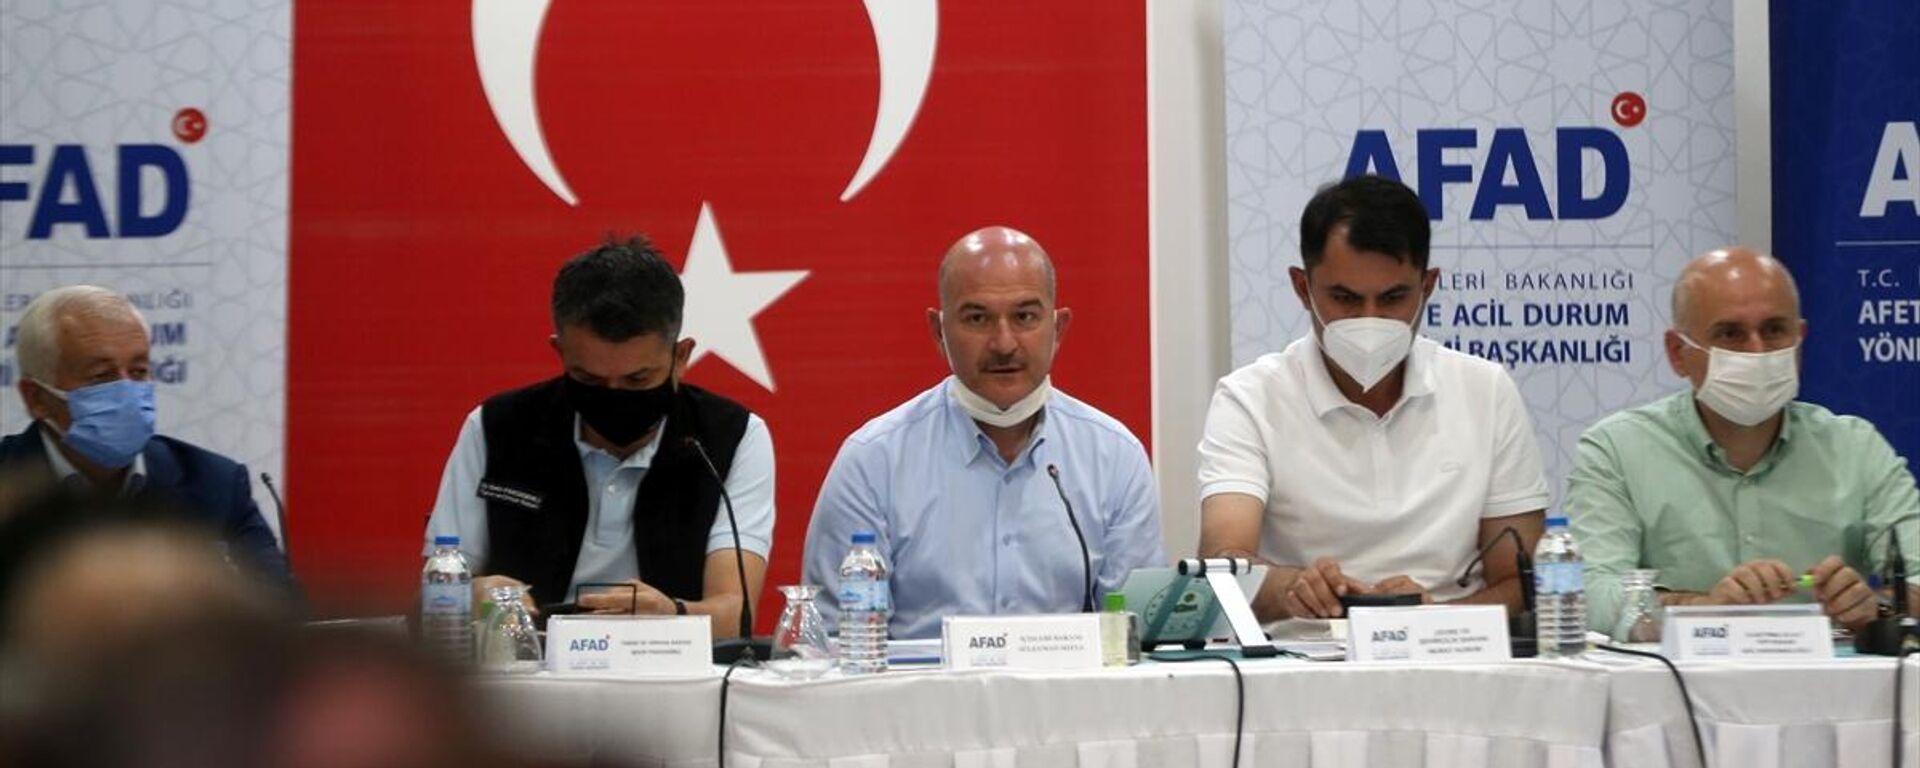 Süleyman Soylu, Murat Kurum, Adil Karaismailoğlu, Bekir Pakdemirli - Sputnik Türkiye, 1920, 19.08.2021